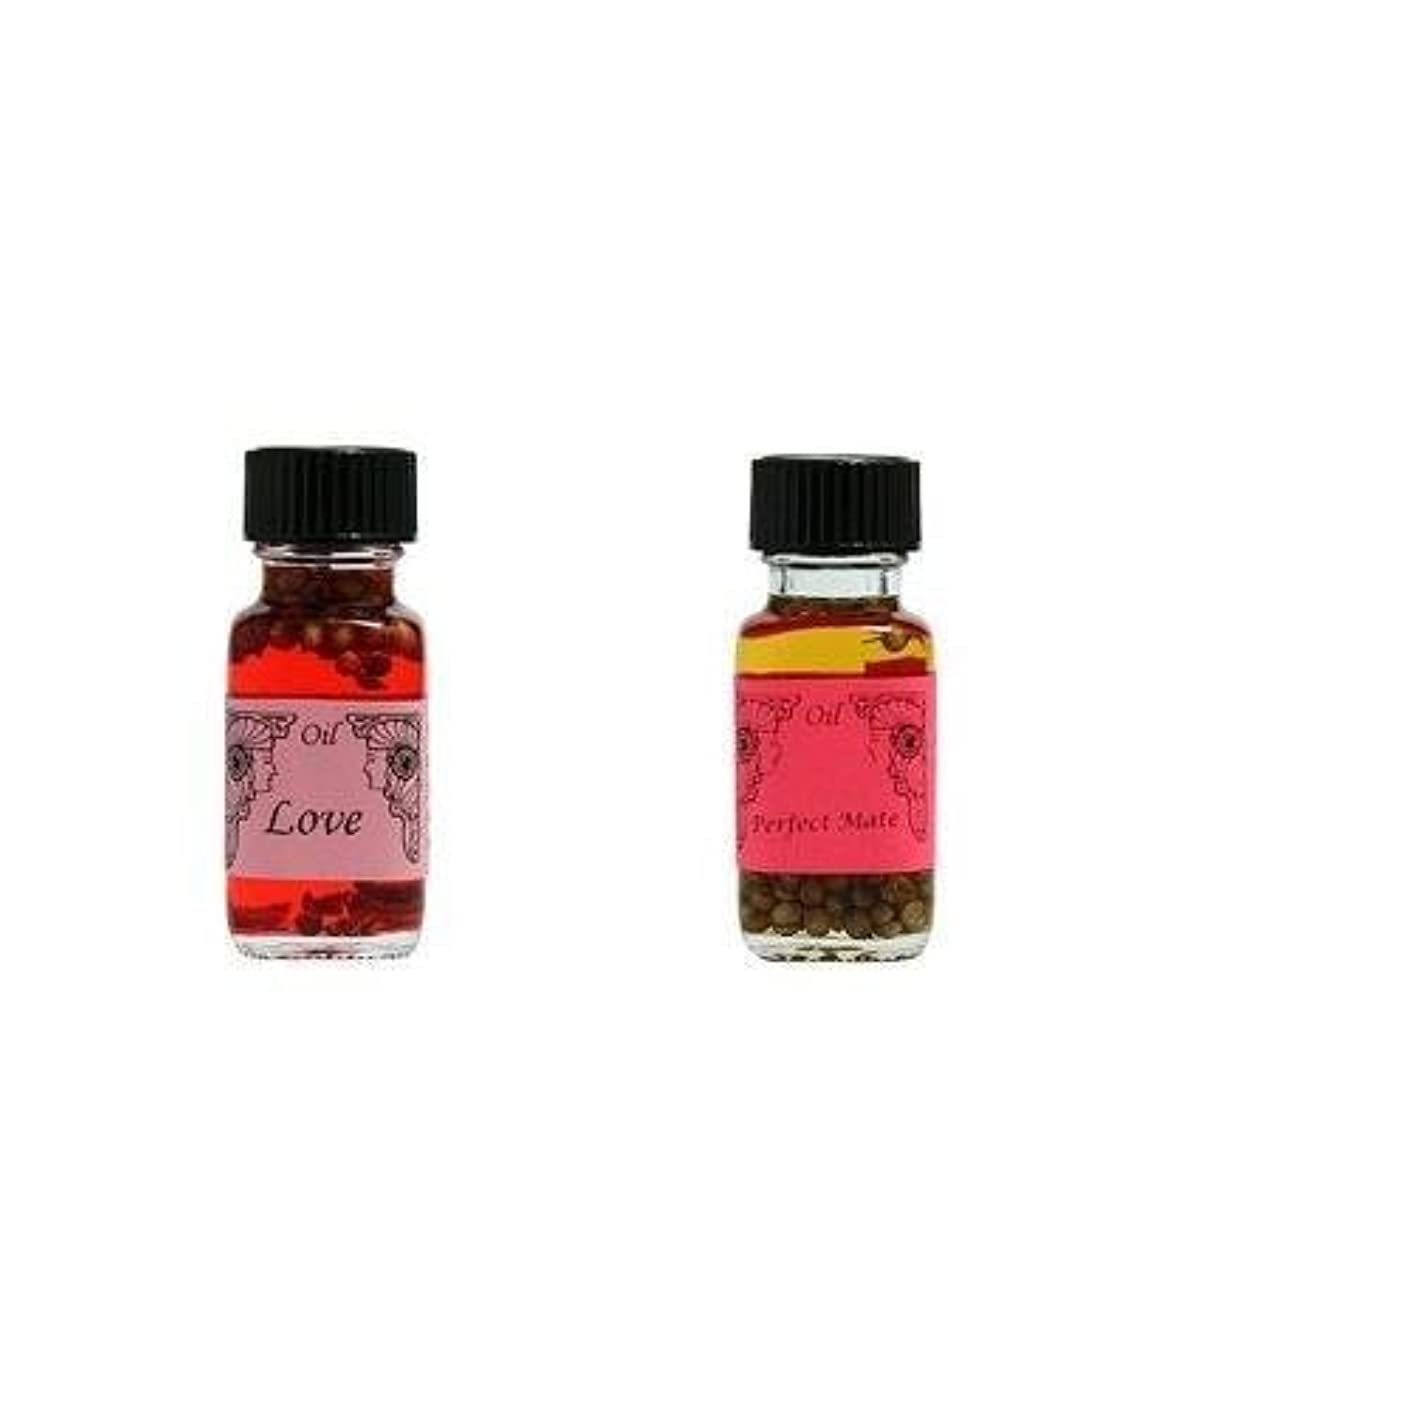 初期のハイランド文房具【愛】+【パートナー】Ancient Memory Oils 【人気の2点セット】アンシェントメモリーオイル【LOVE】 +【PERFECT MATE】 【海外直送品】